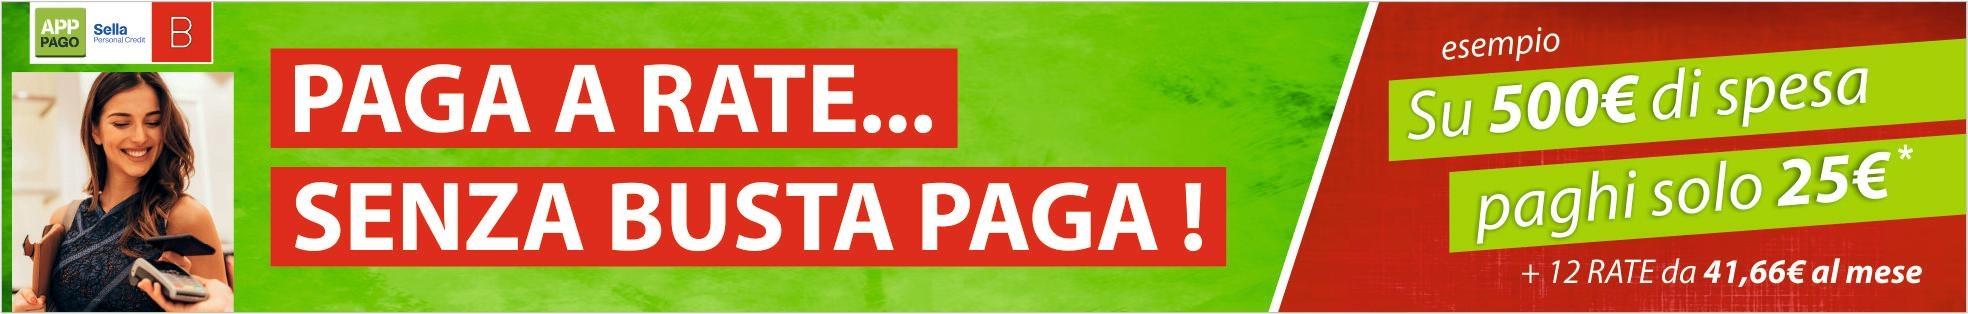 APPAGO - PAGAMENTI A RATE